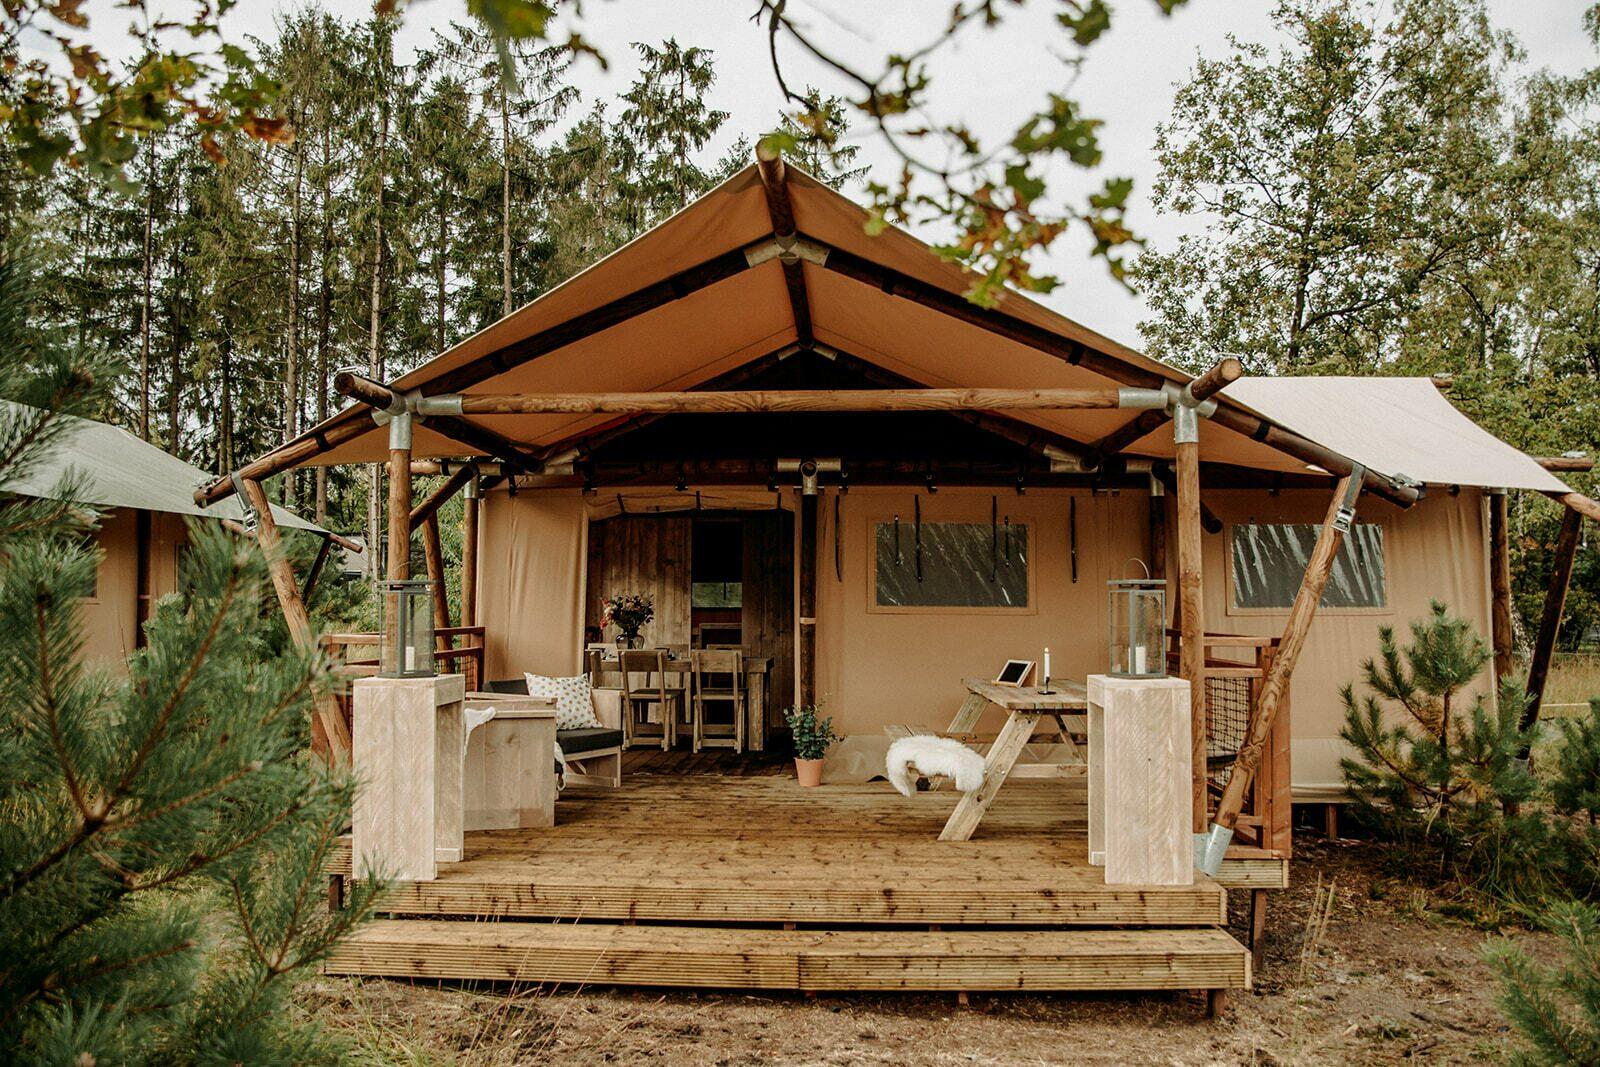 https://www.molke.nl/accommodaties/safaritent-met-prive-sanitair-met-weids-uitzicht